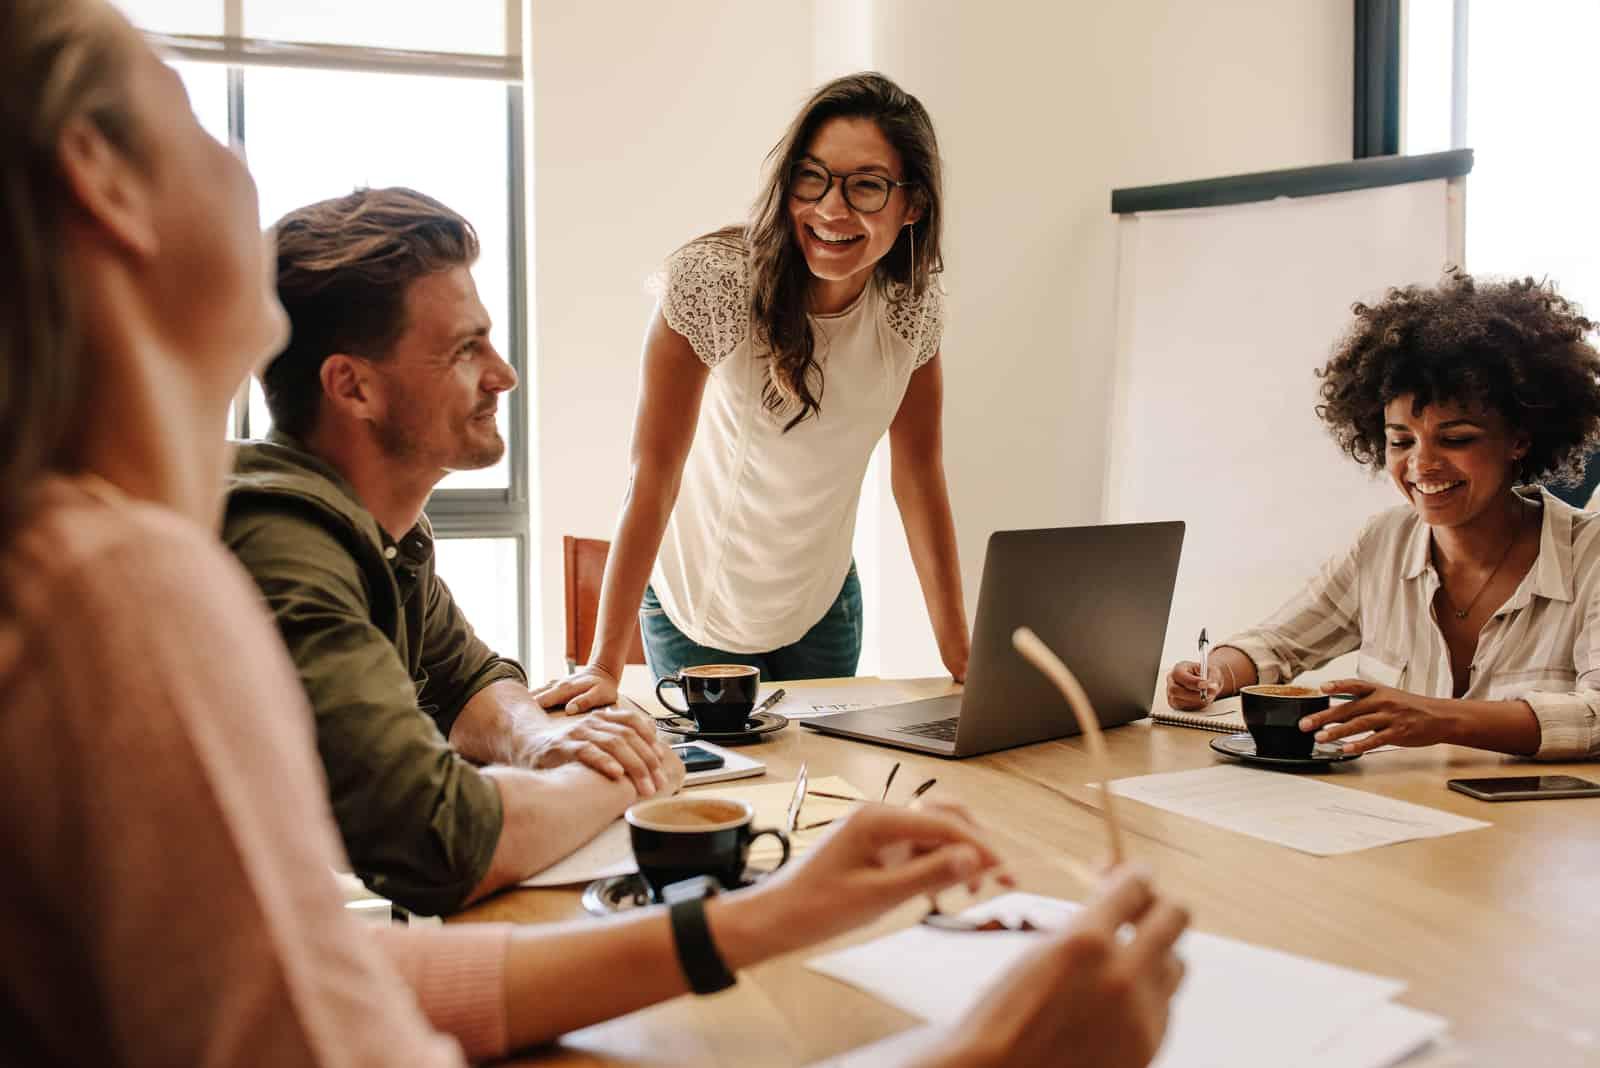 une femme souriante parlant à des collègues